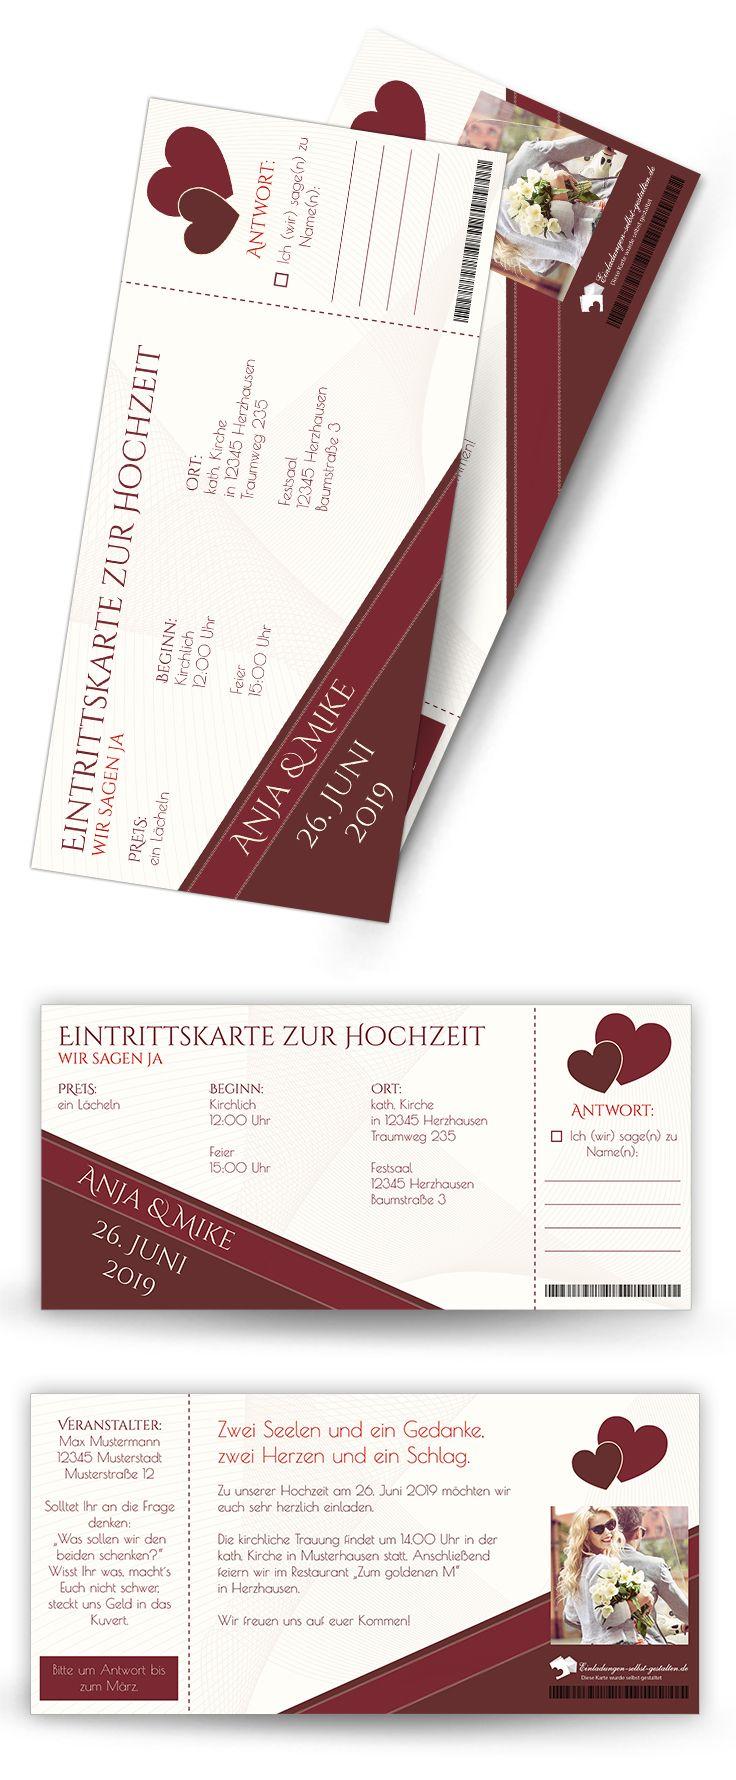 Echte Eintrittskarten Mit Vorgefertigter Perforierung Zum Abreißen. Ein  Highlight Unter Den Kreativen Hochzeits Einladungskarten